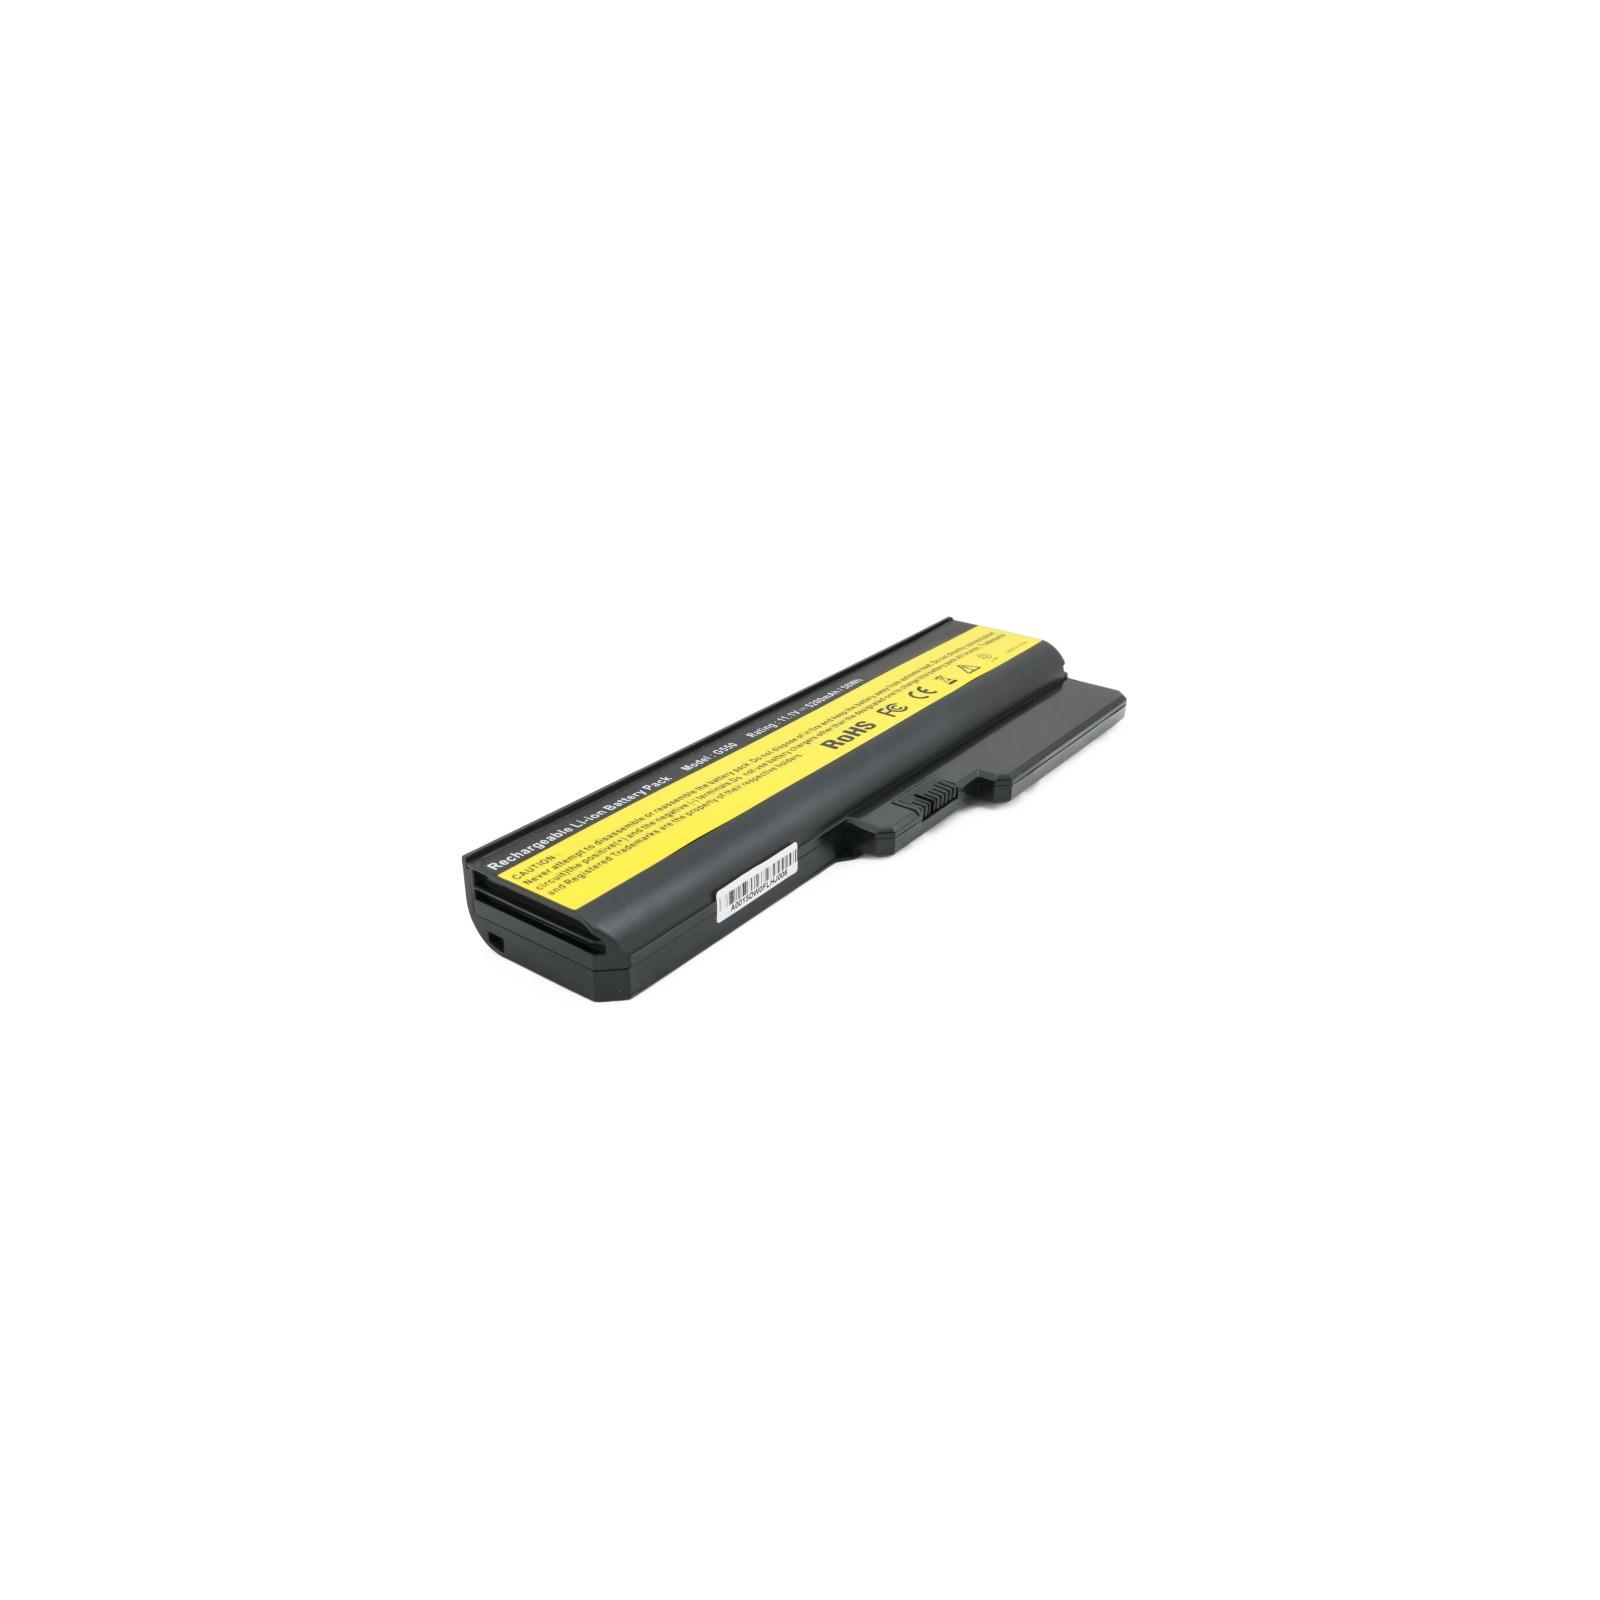 Аккумулятор для ноутбука Lenovo IdeaPad G550, 5200 mAh EXTRADIGITAL (BNL3953) изображение 2